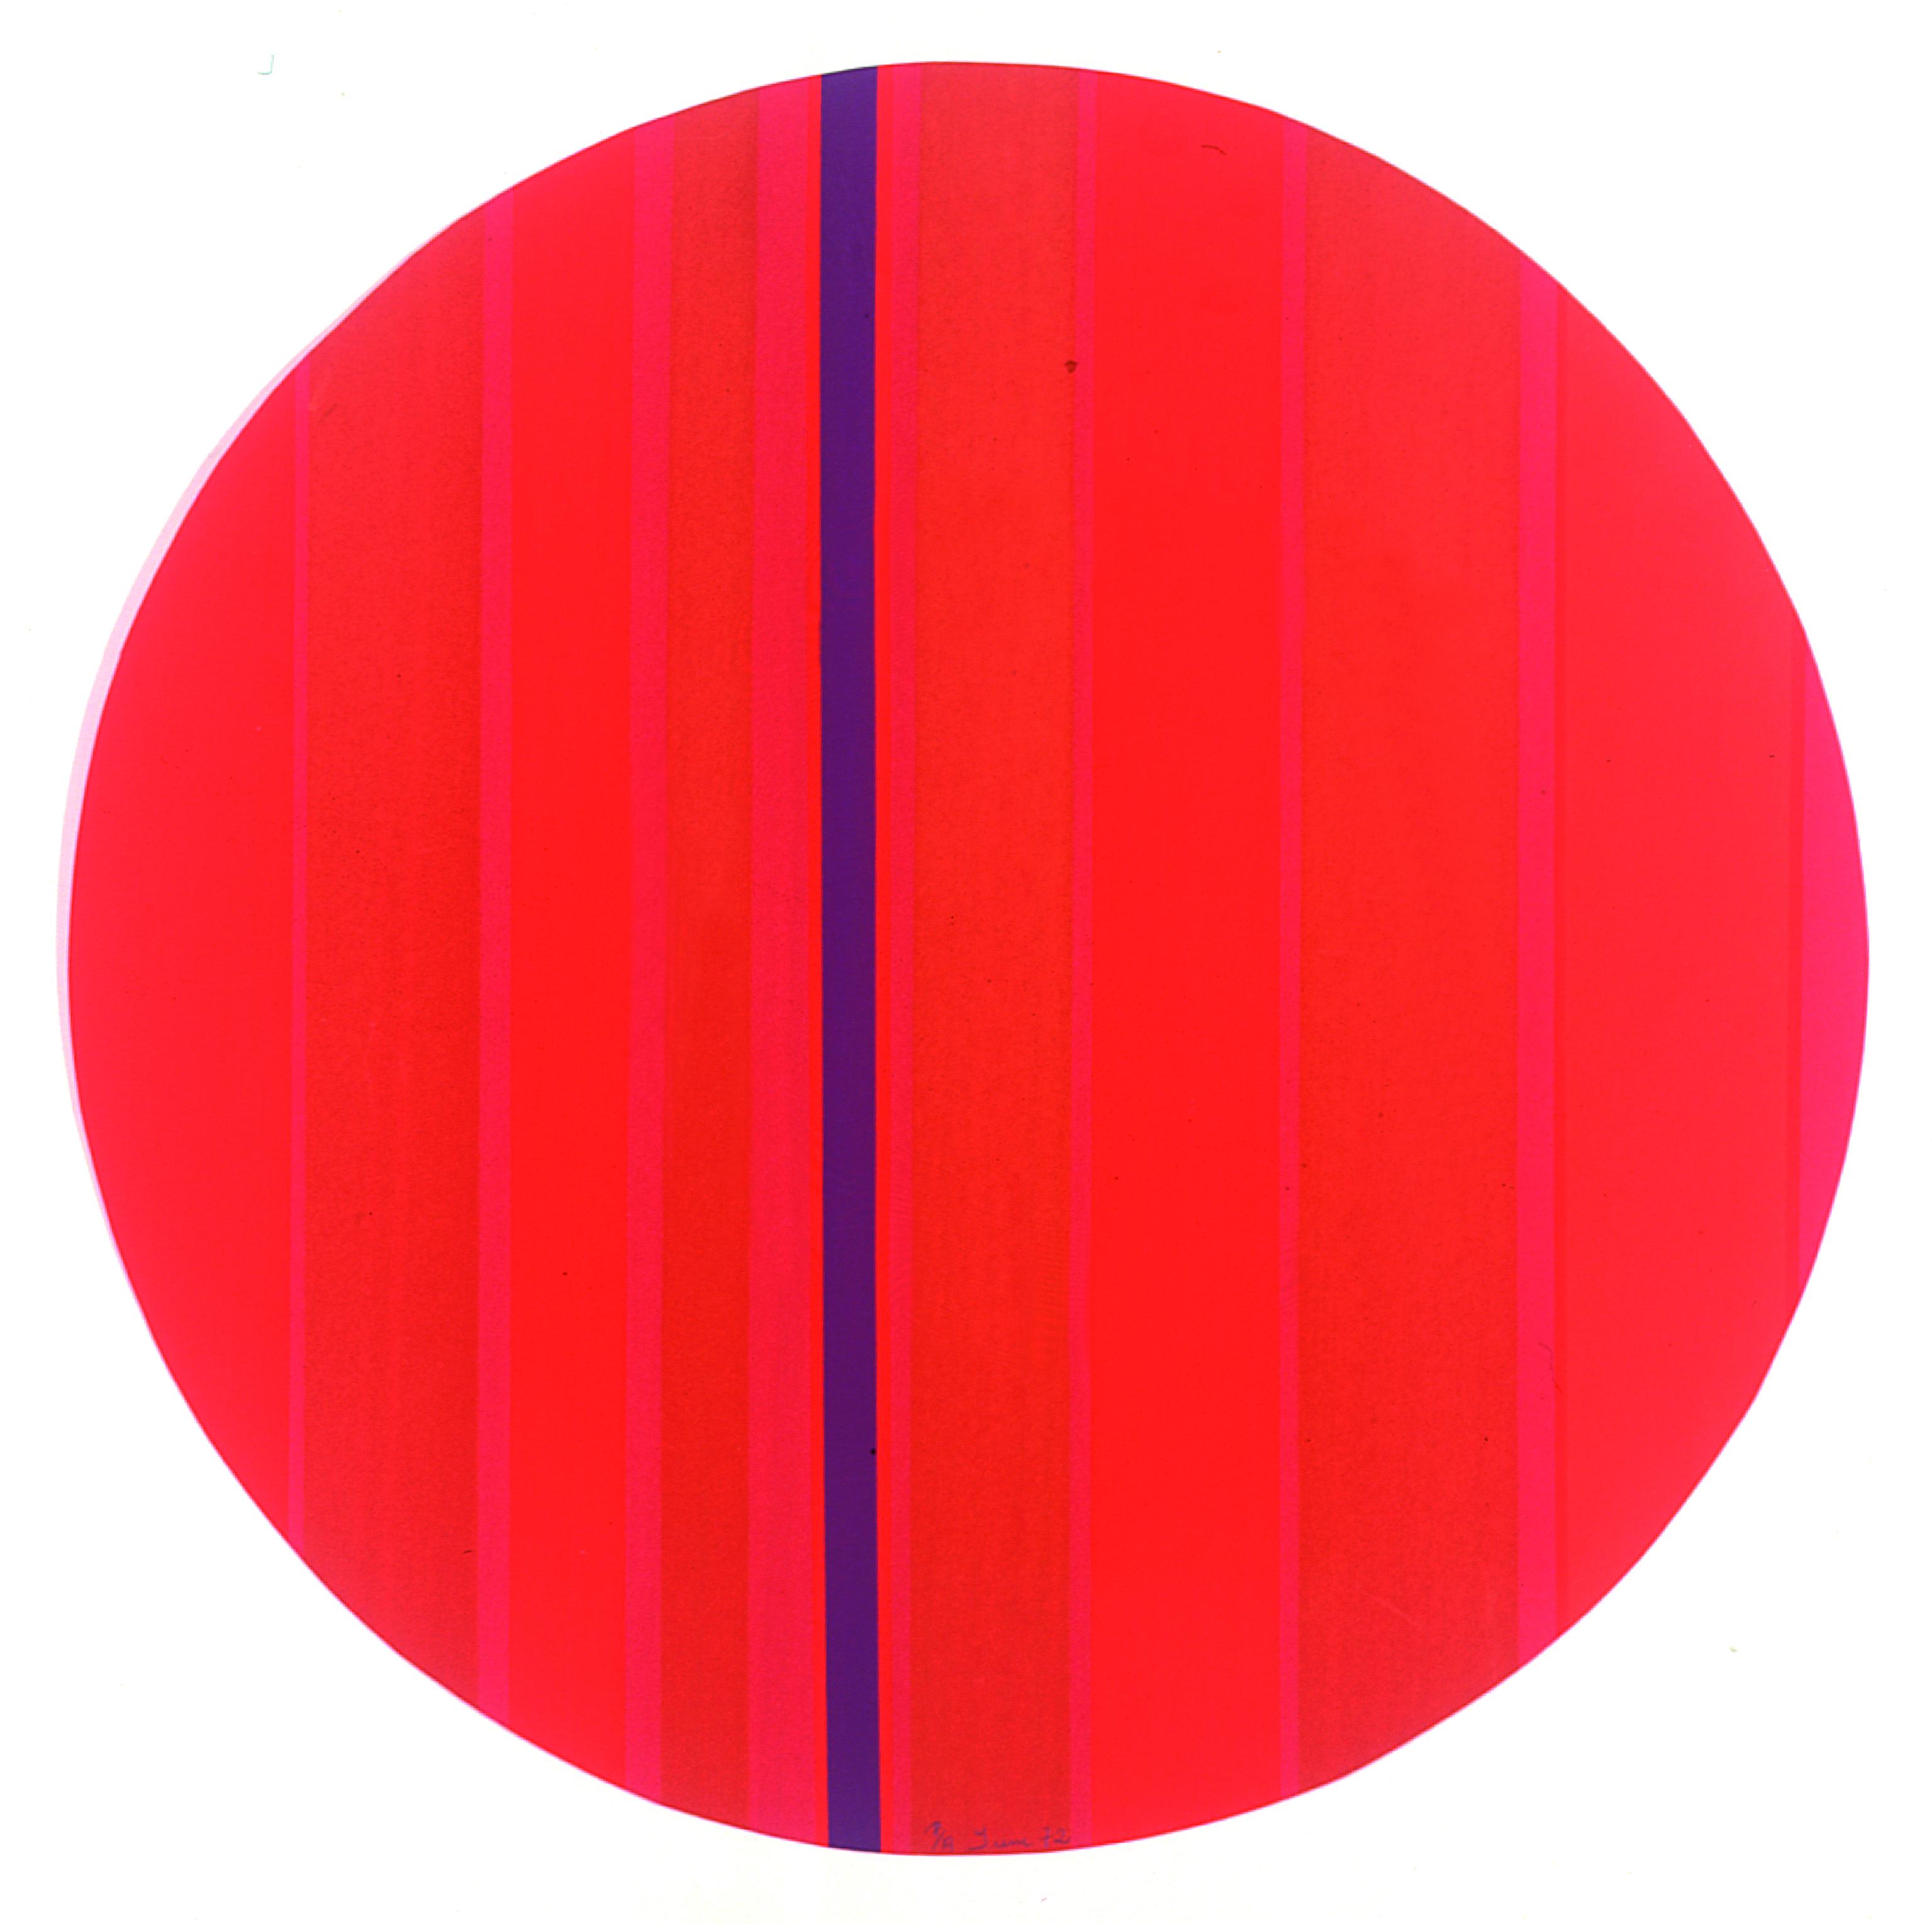 Geométrico Circular Autor: Irene Buarque Ano: 1972 Técnica: Serigrafia (P.A.) Dimensão: 63cm x 63cm